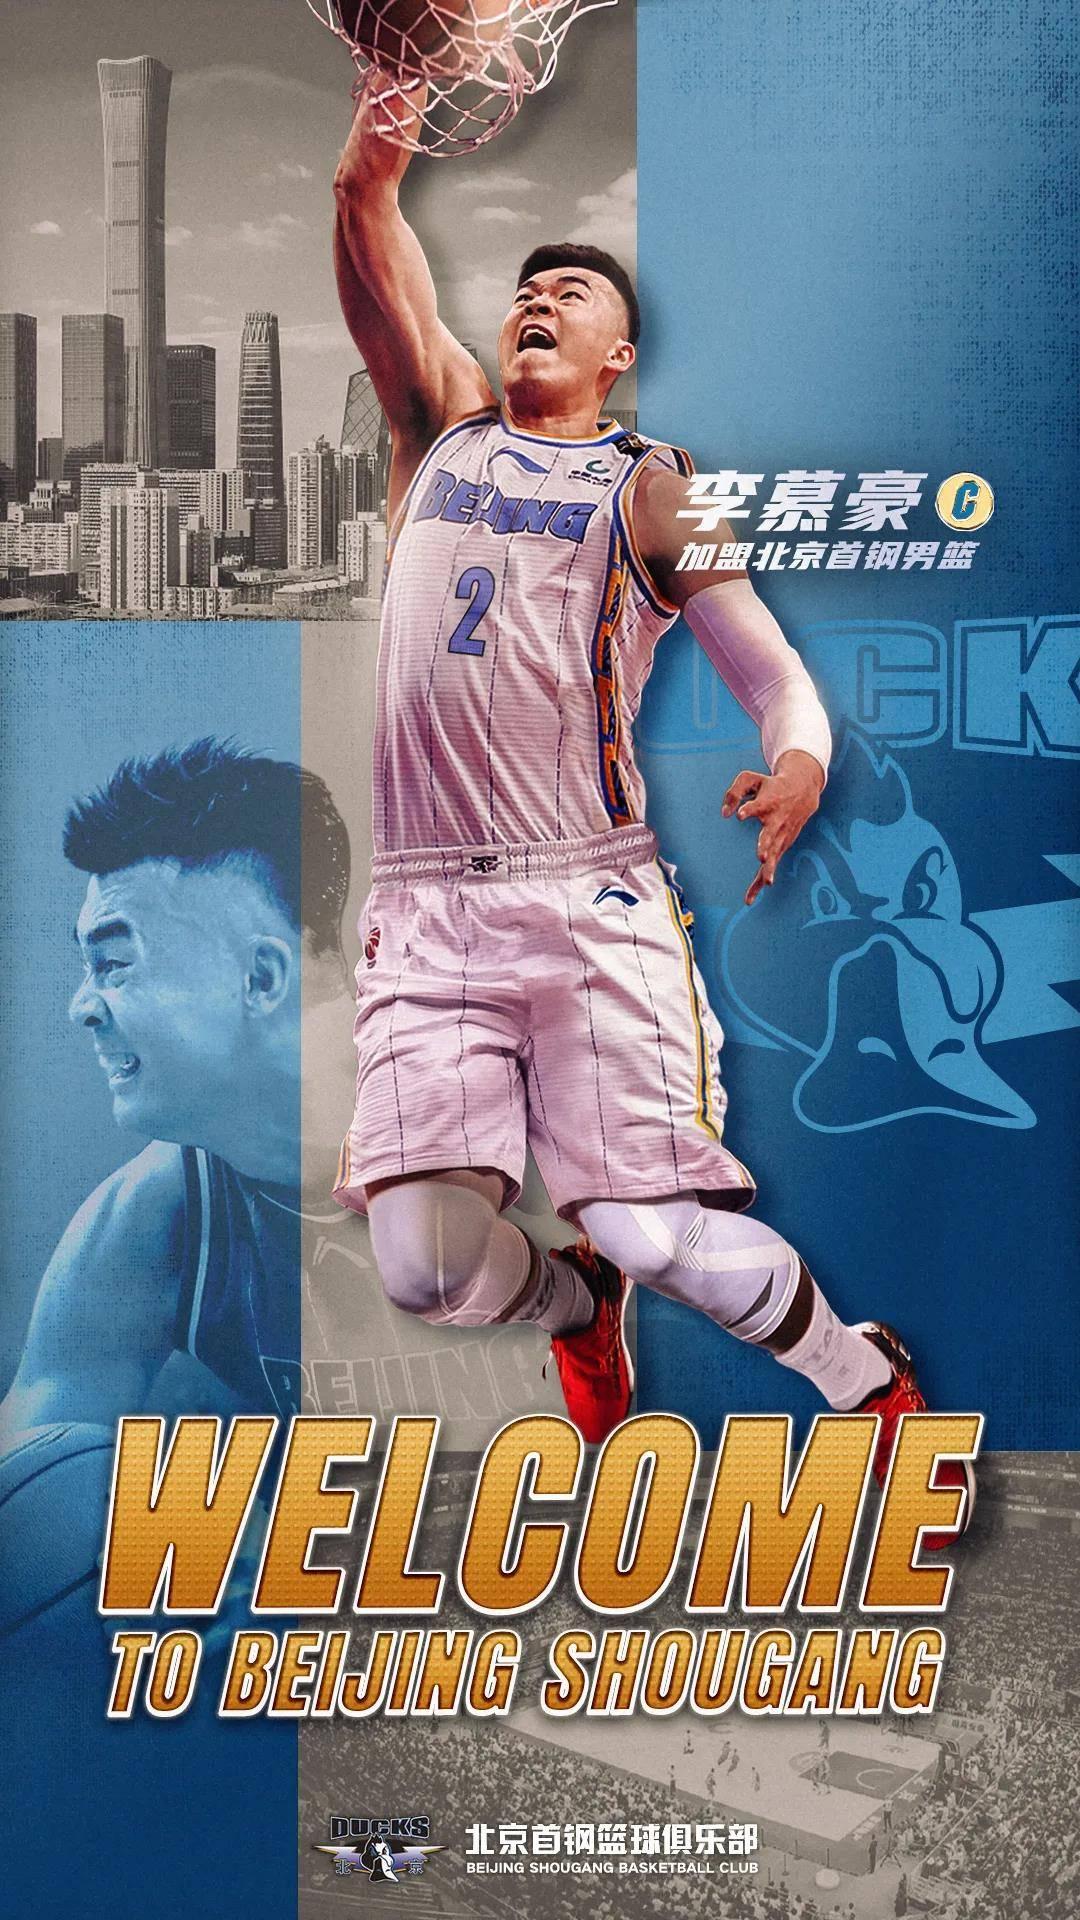 北京首钢男篮官方宣告,李慕豪正式加盟球队